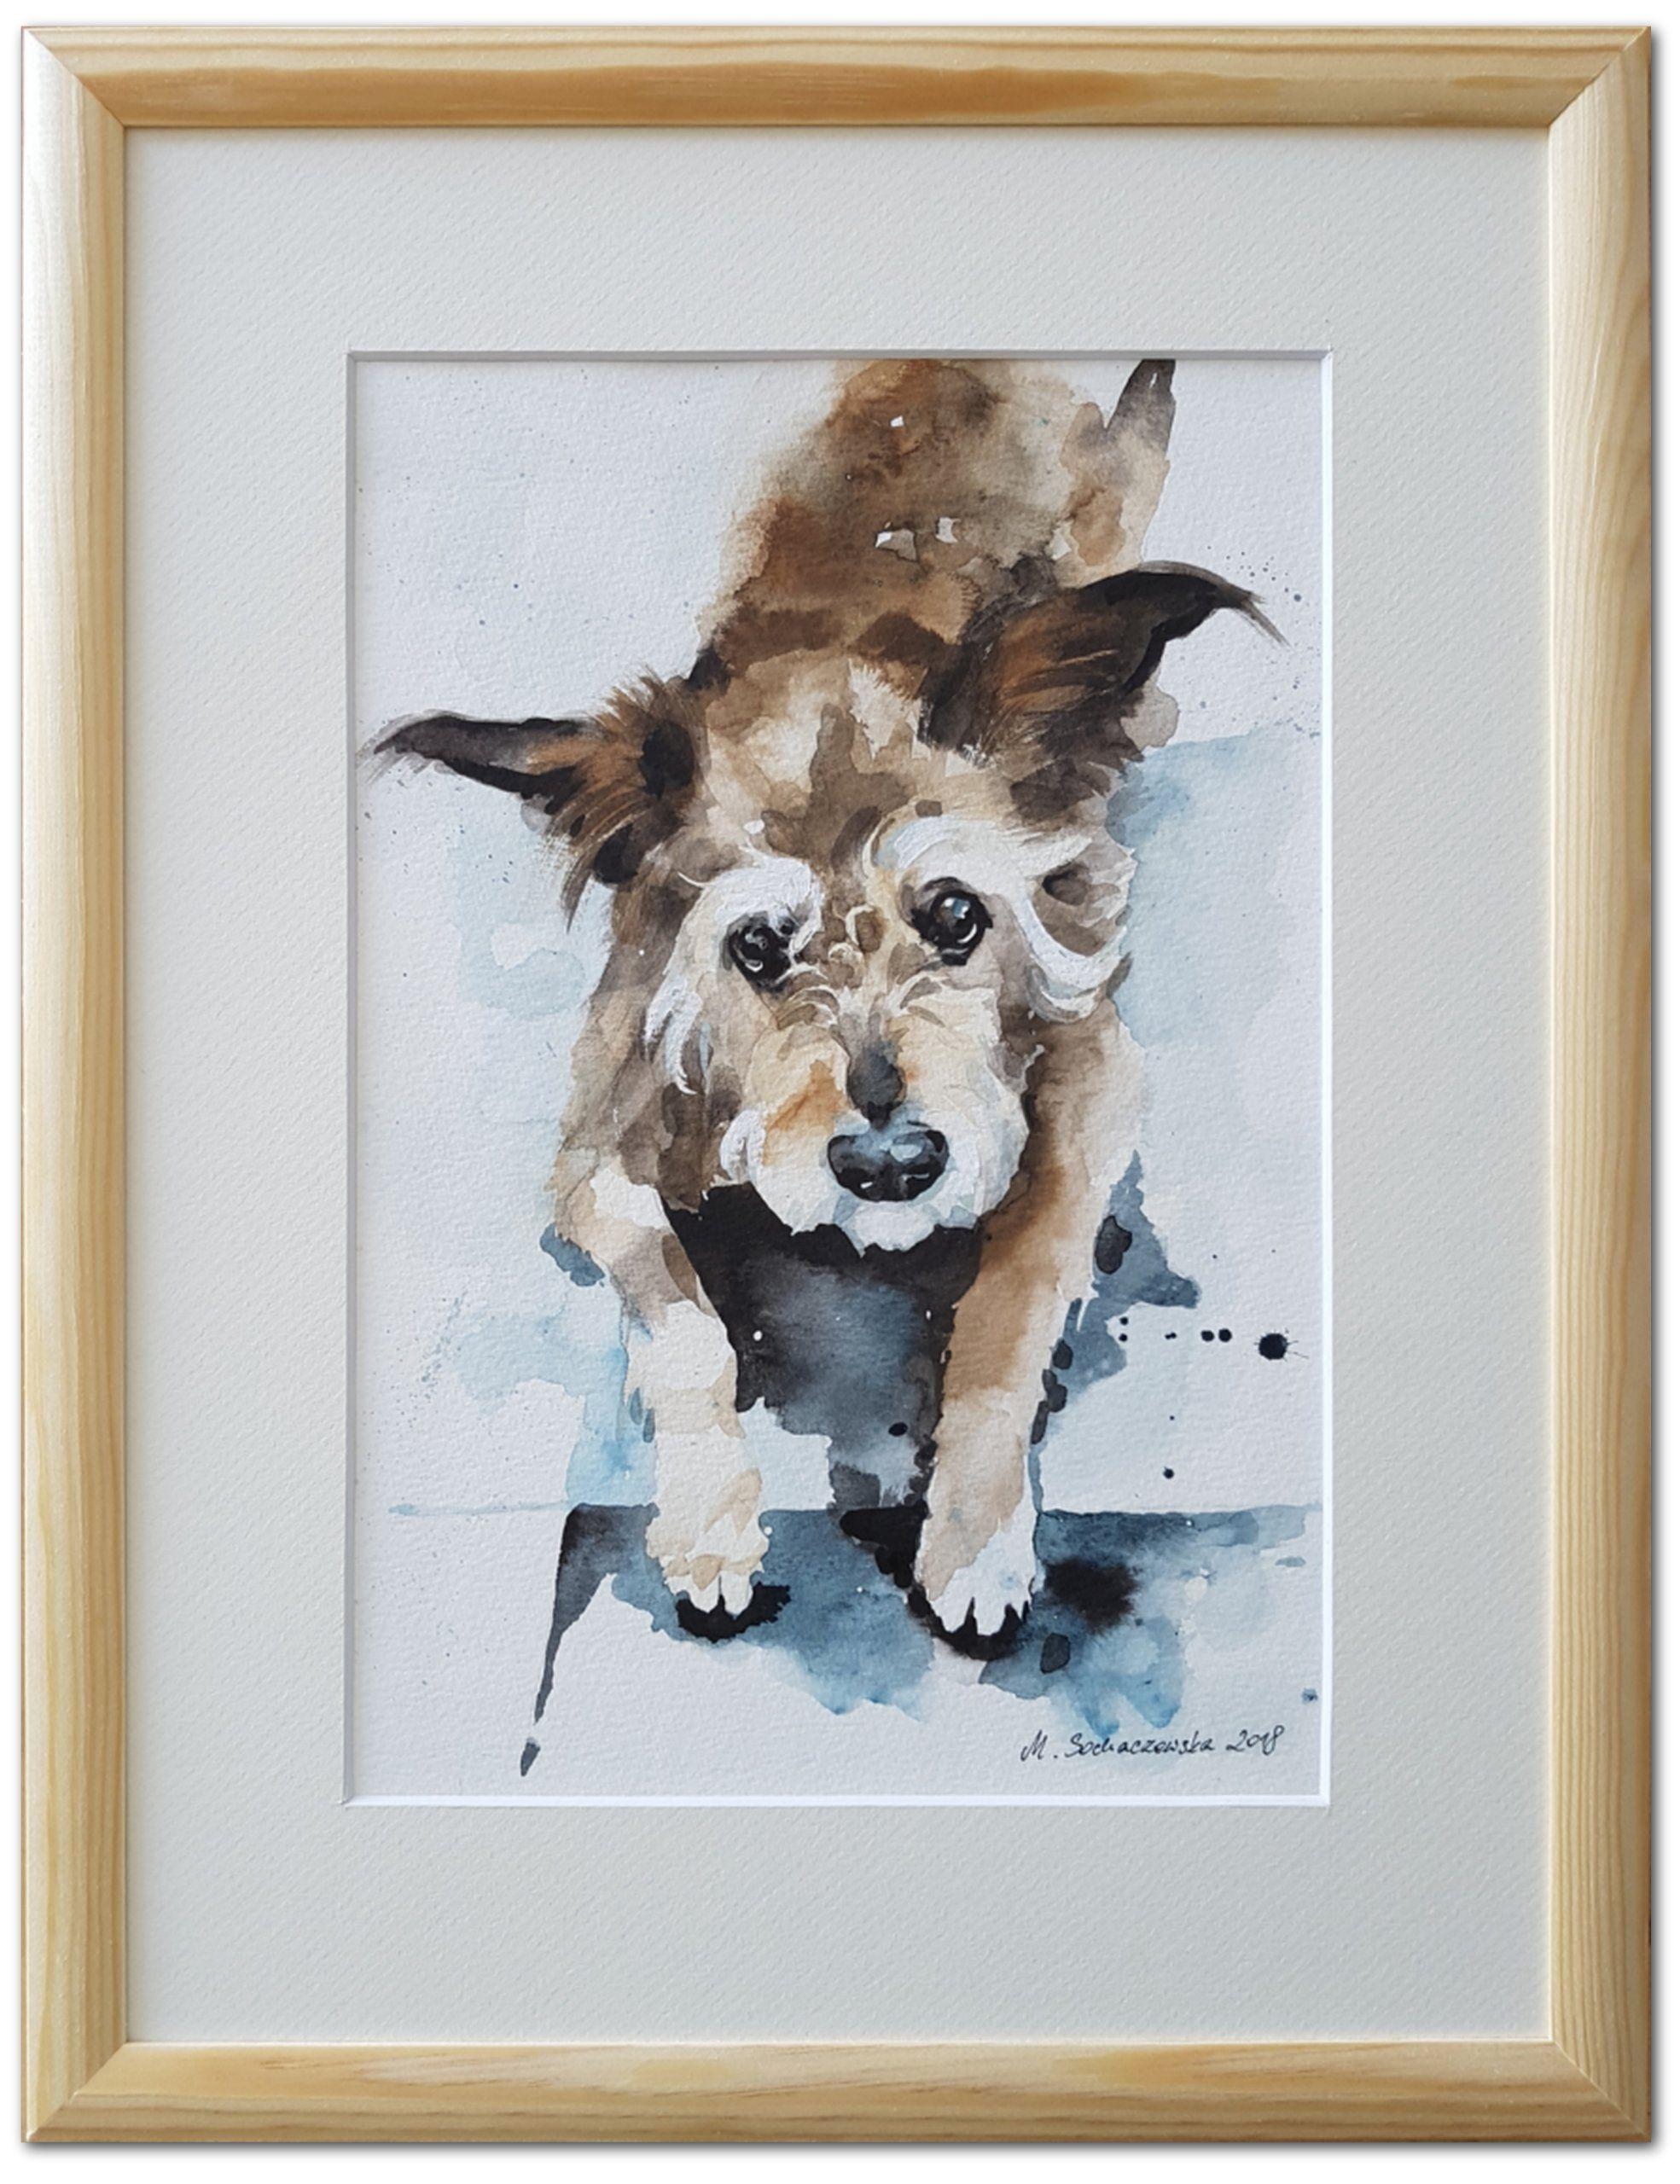 Portrety Zwierzat Na Zamowienie Oprawione 30x40 Cm 7012432409 Allegro Pl Wiecej Niz Aukcje Art Moose Art Watercolor